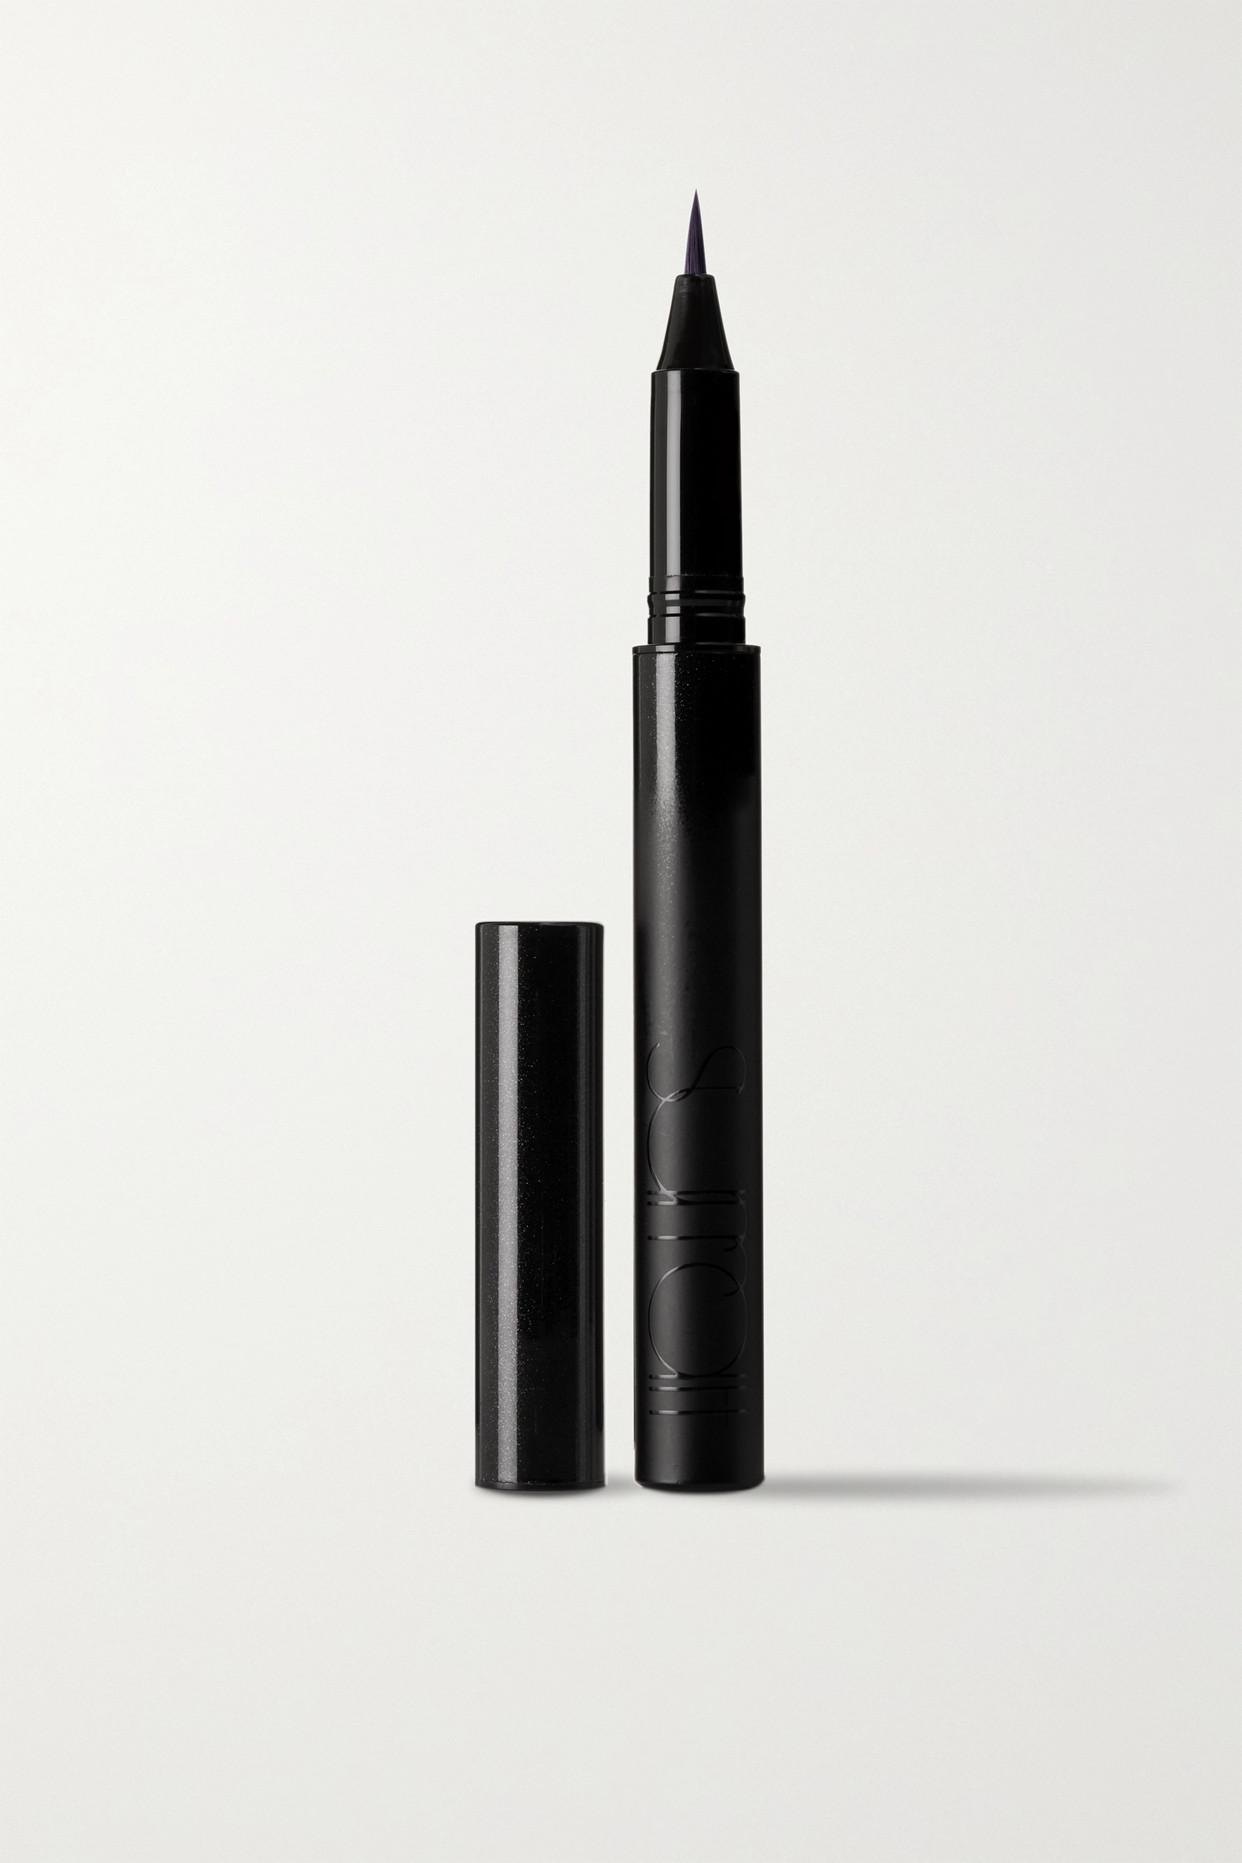 SURRATT BEAUTY - Auto-graphique Eyeliner - 4 Poupre - Purple - one size